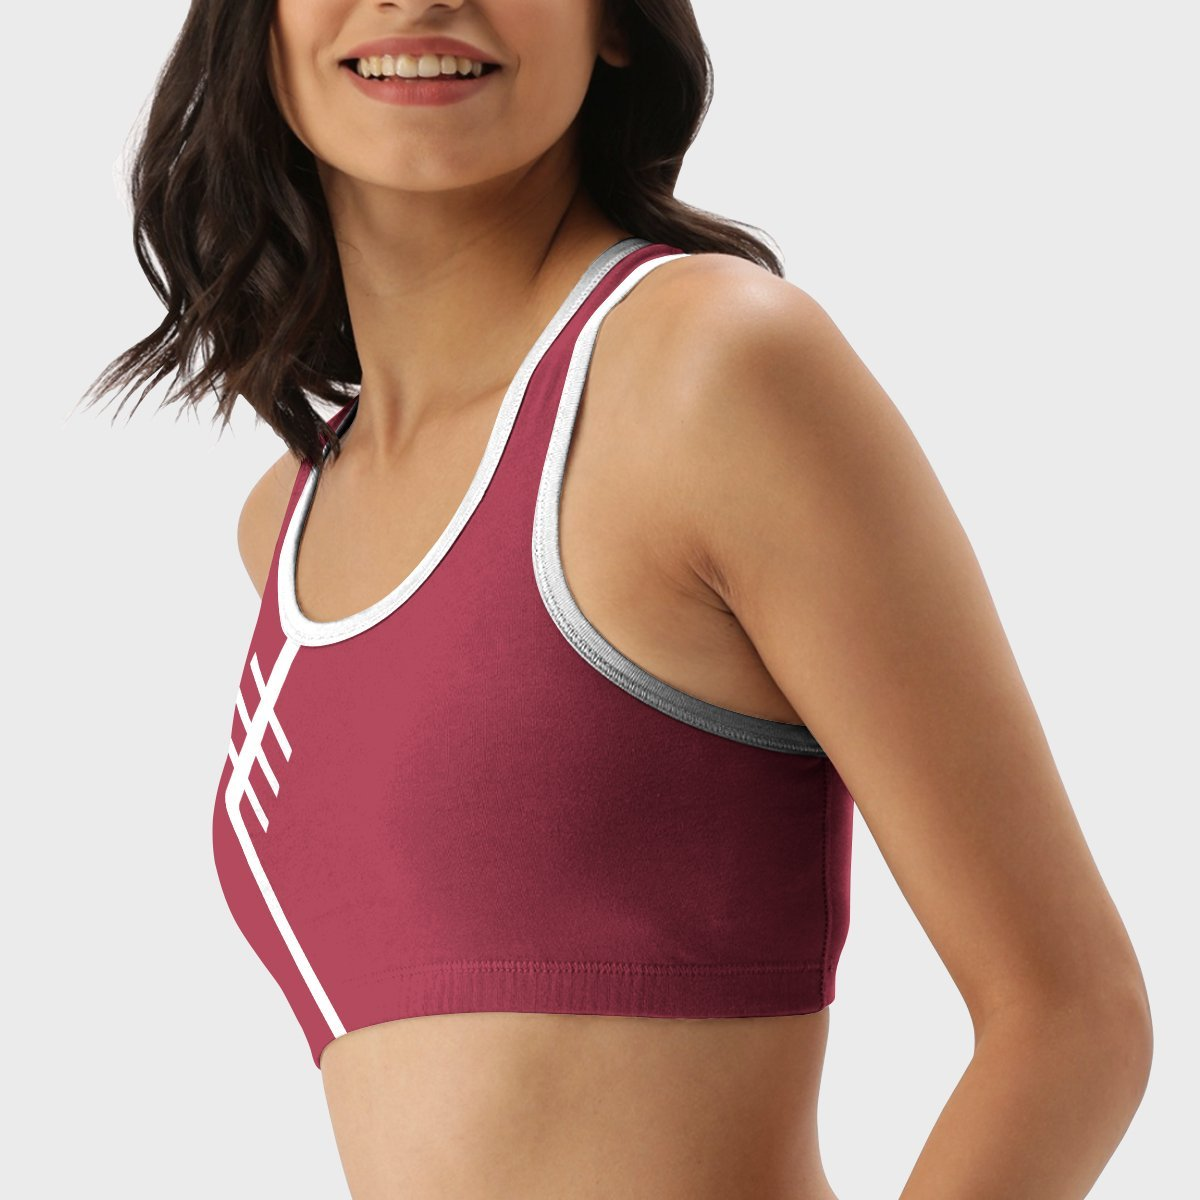 sakura summer active wear set 856115 - Anime Swimsuits